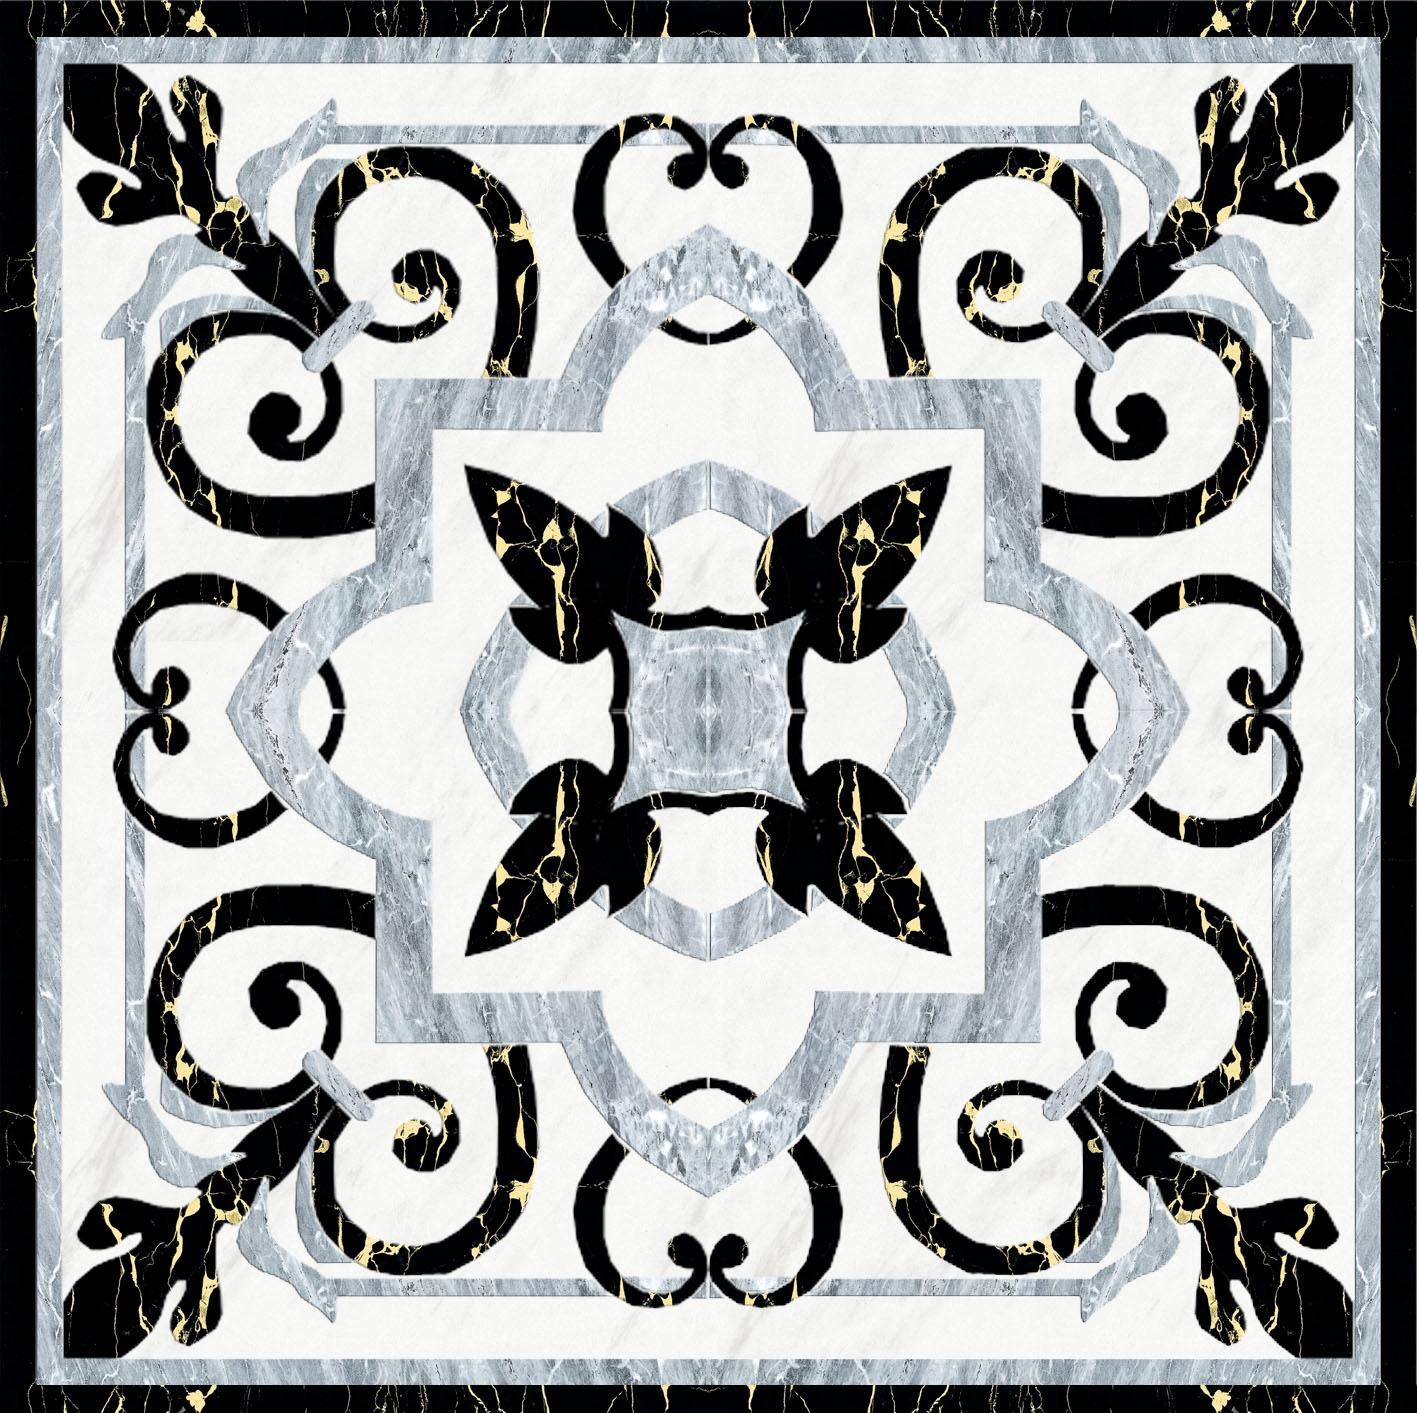 瓷砖高清贴图【ID:536568054】